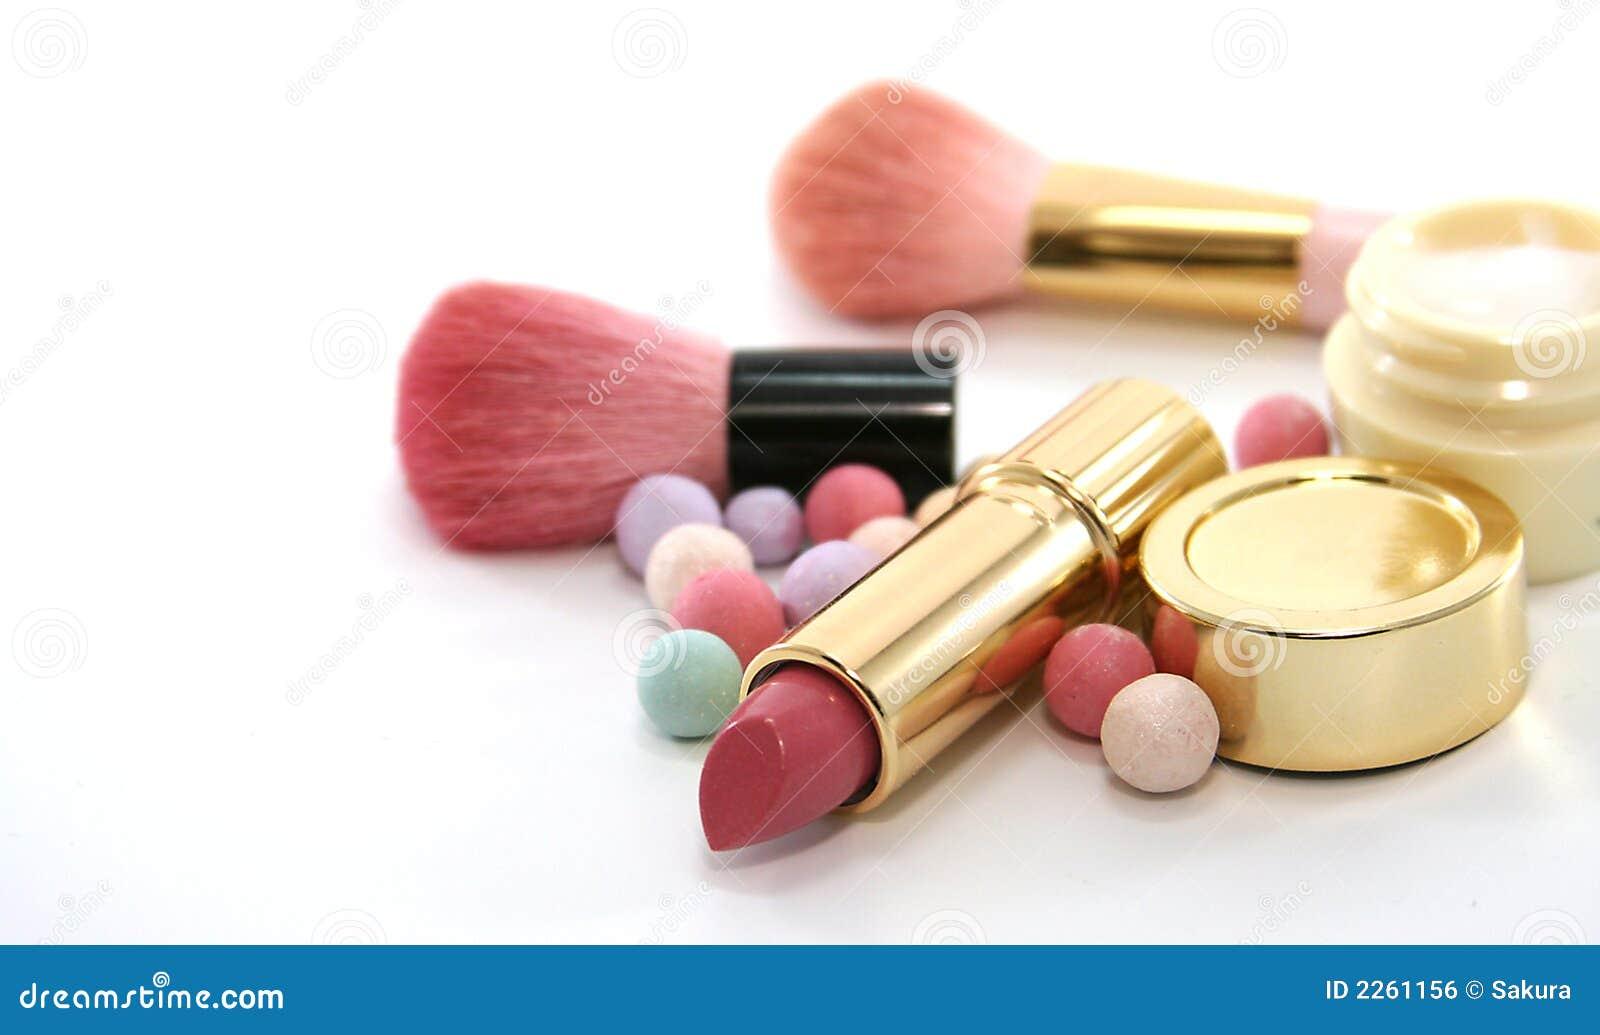 Beauty Cosmetics Make Up